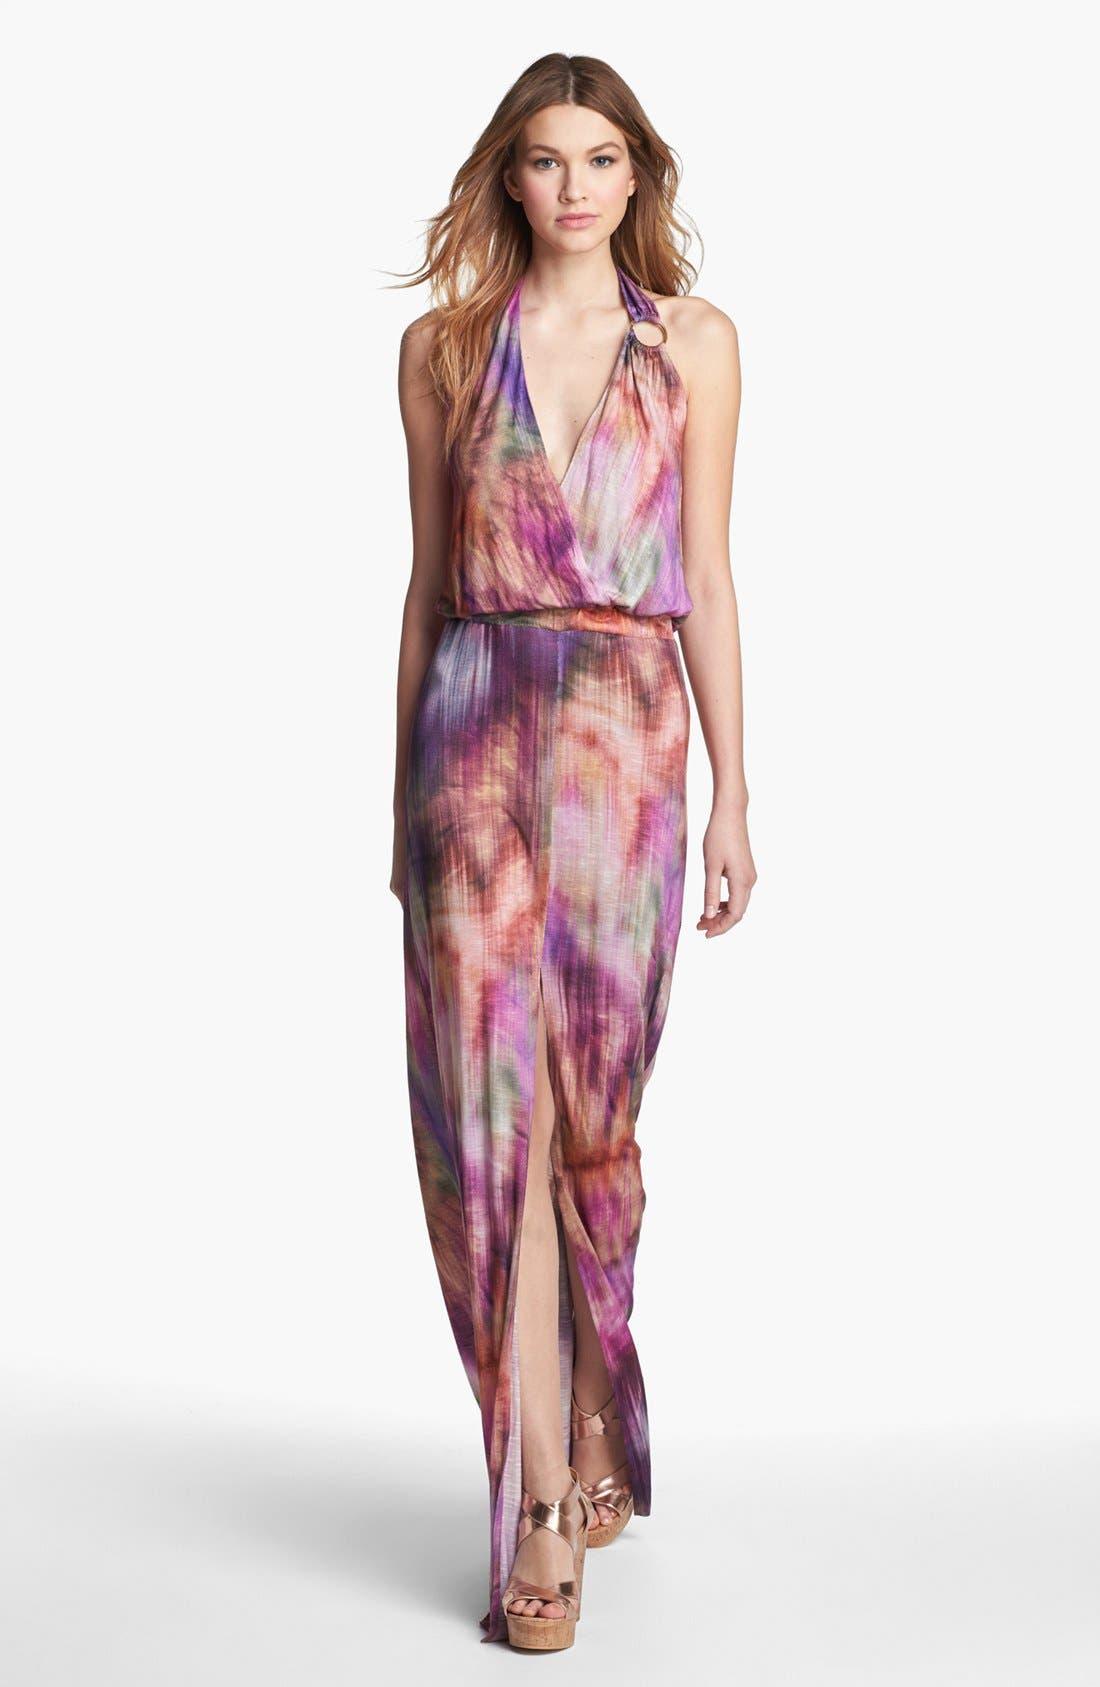 Main Image - Young, Fabulous & Broke 'Garnet' Maxi Dress